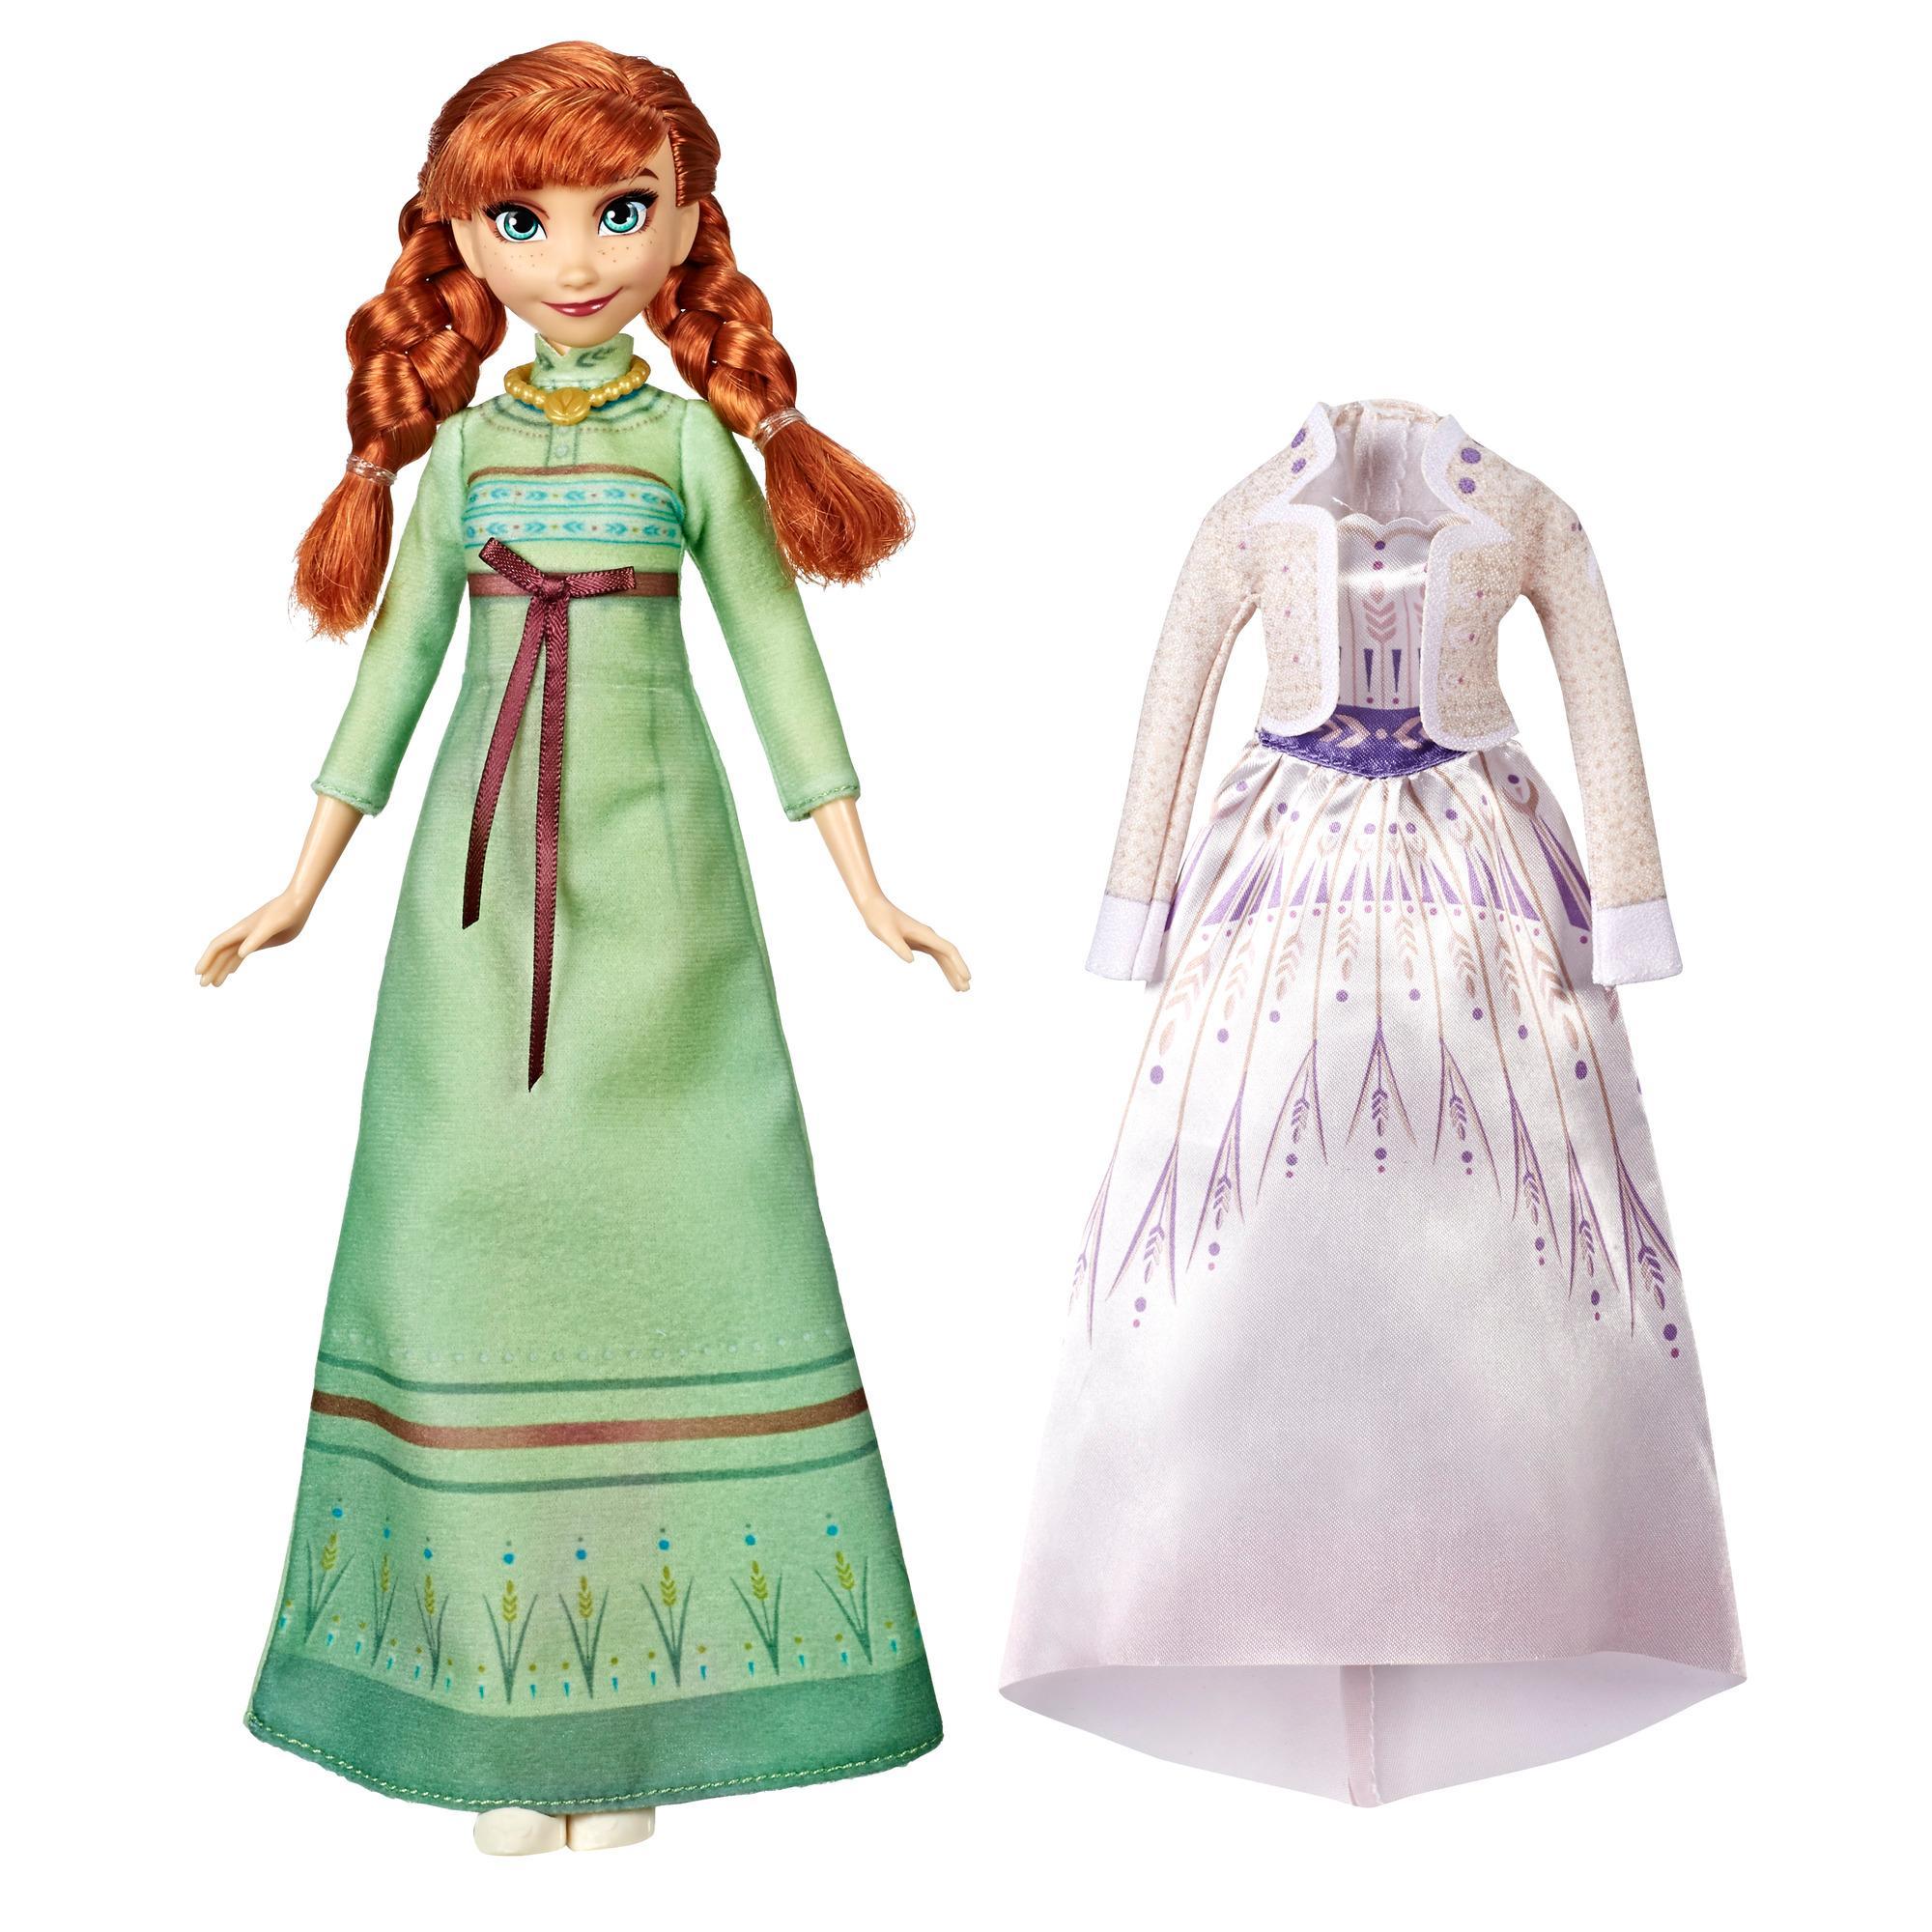 Disney Die Eiskönigin Arendelle Kleidertraum Anna Modepuppe mit 2 Outfits